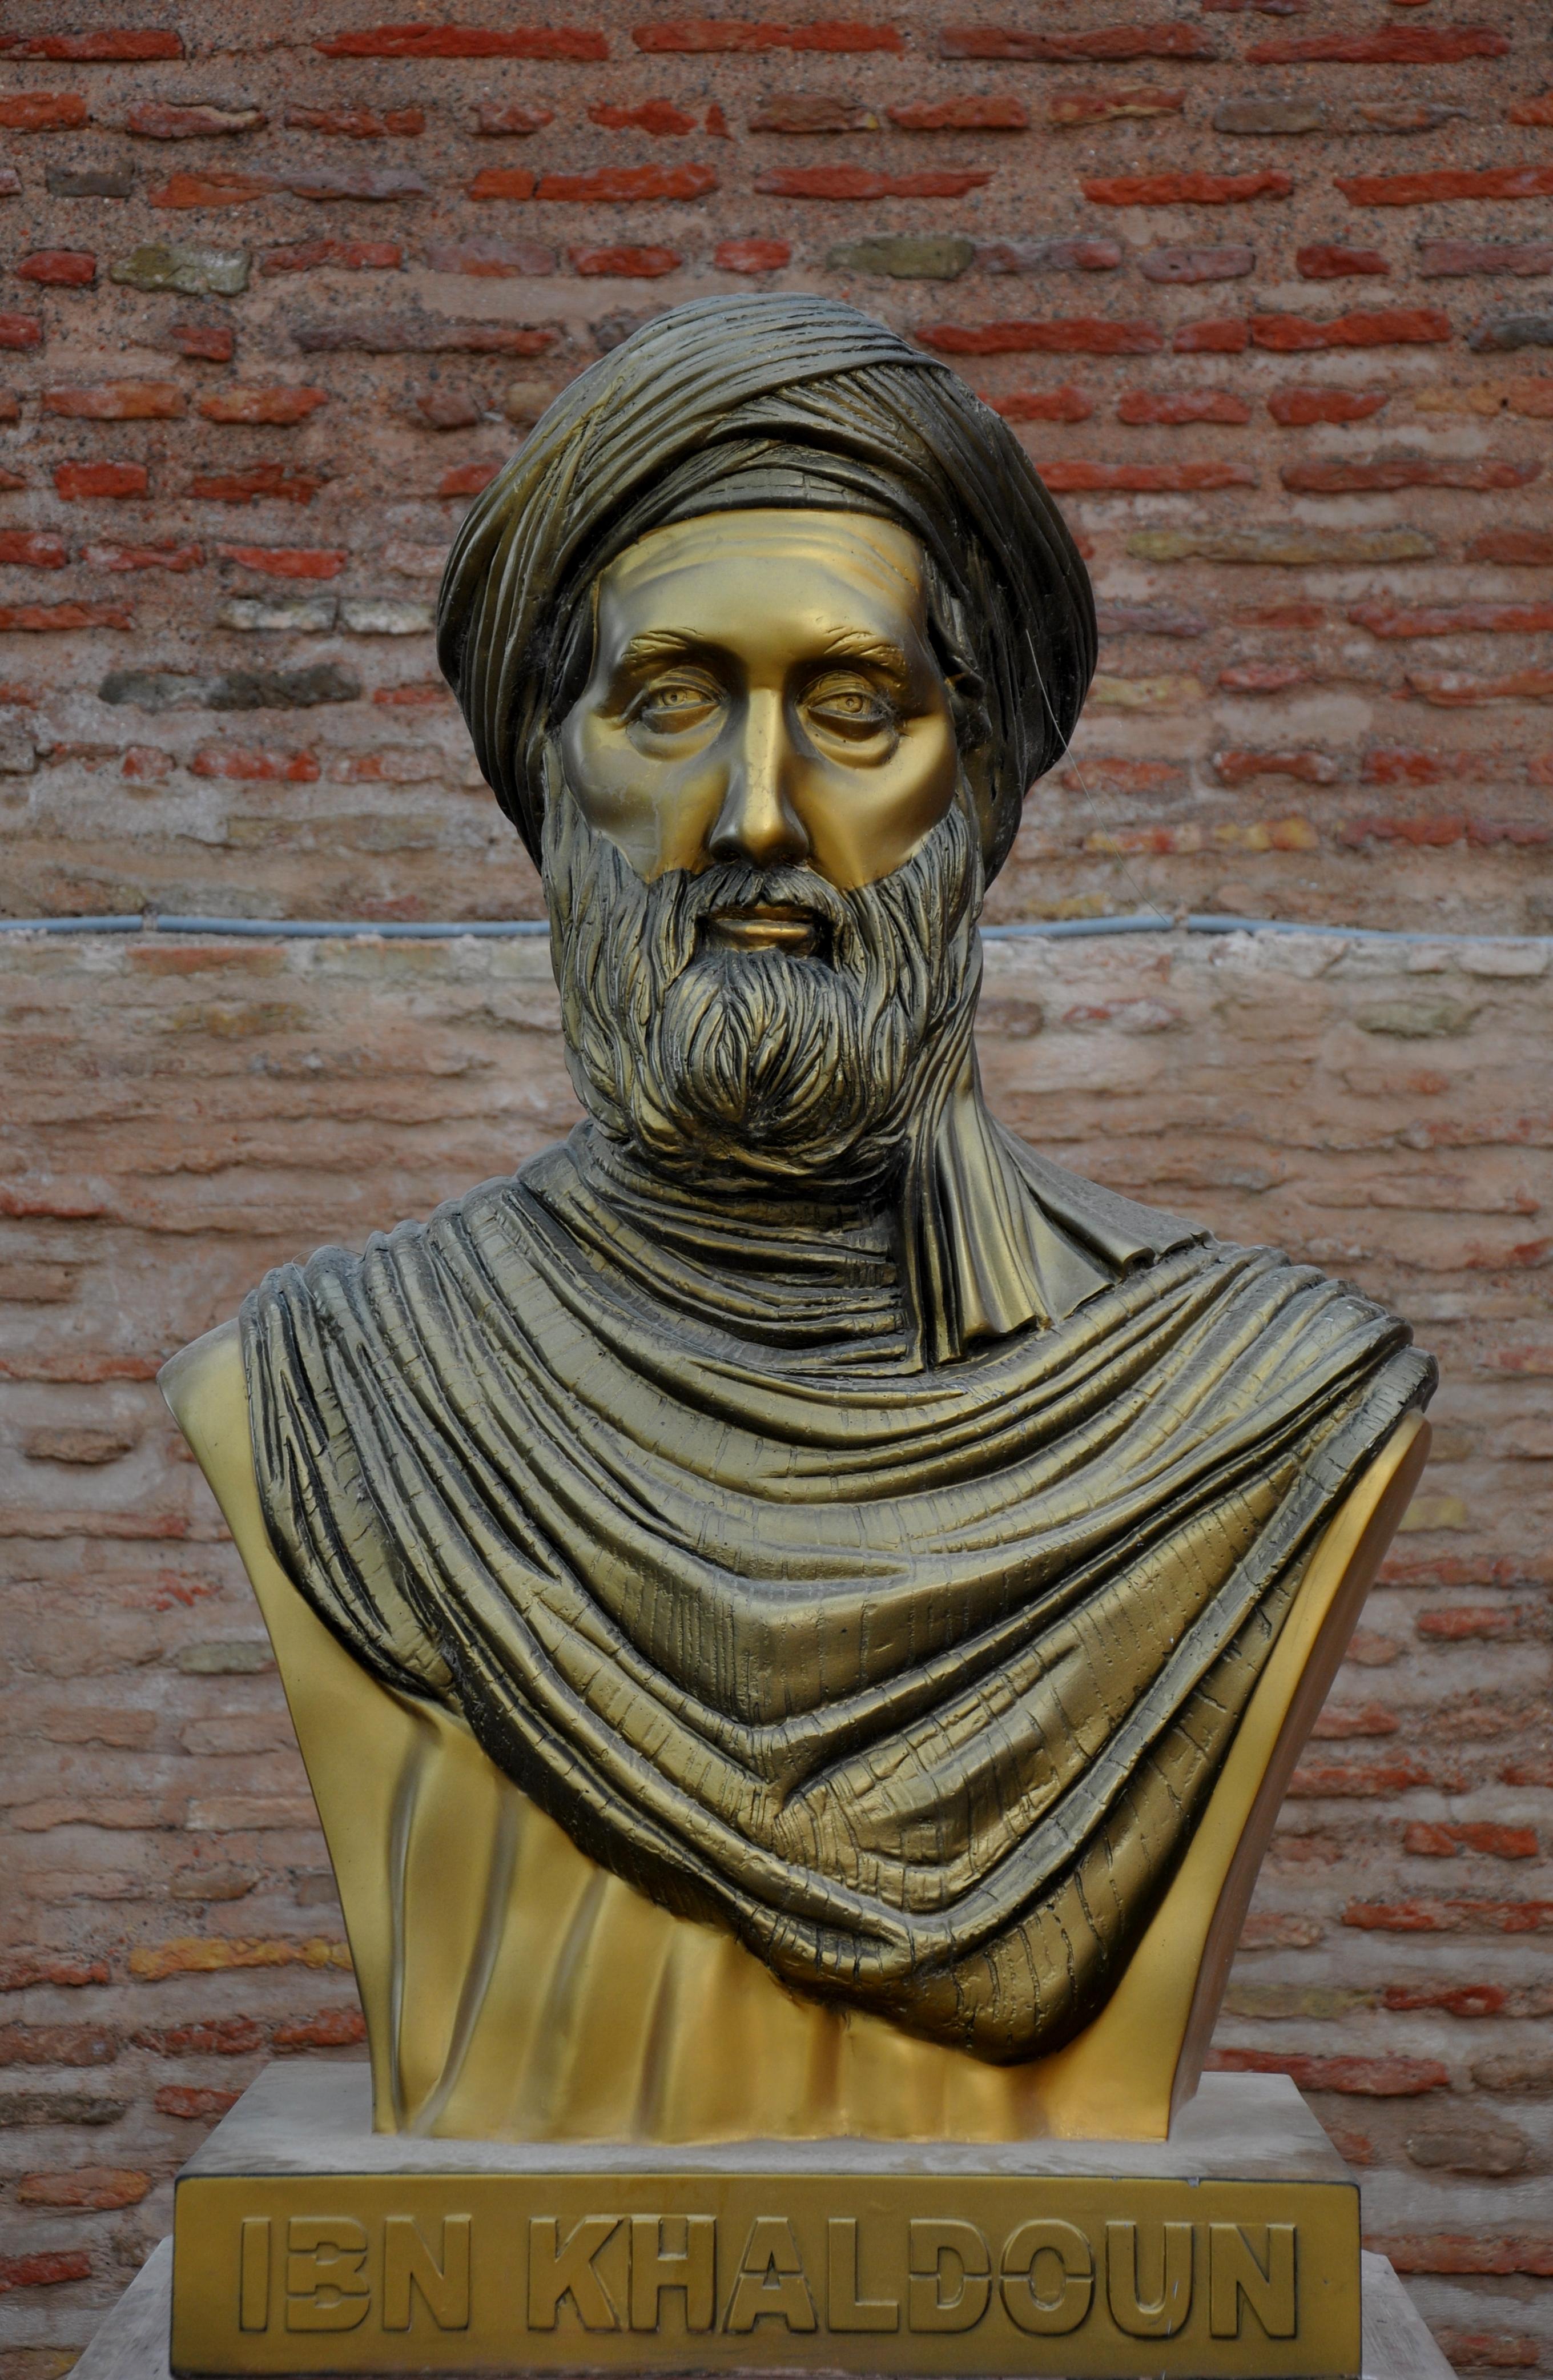 Résultats de recherche d'images pour «Ibn Khaldoun»